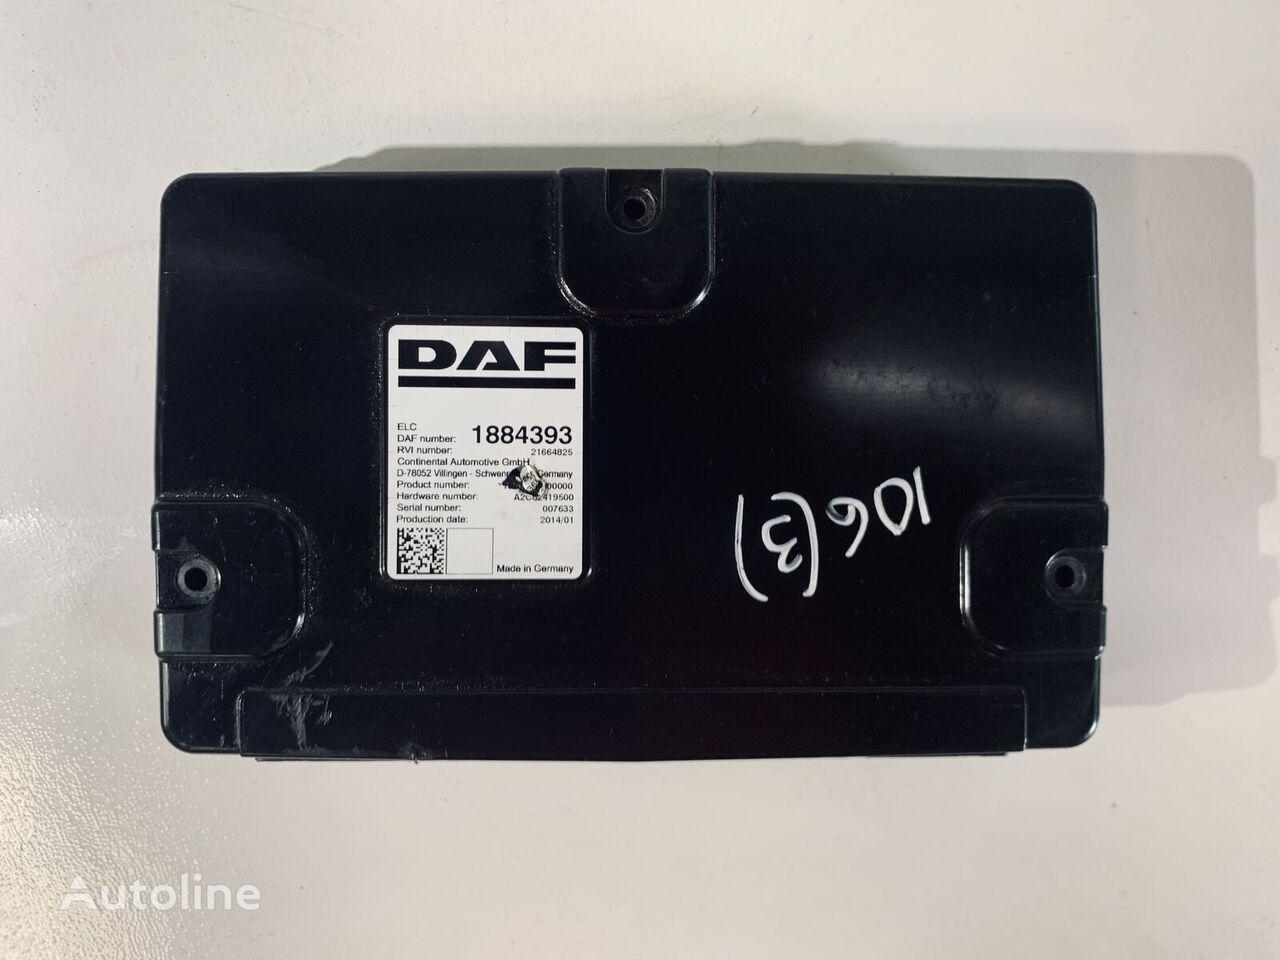 DAF (A2C82419500) unidad de control para DAF 106 tractora